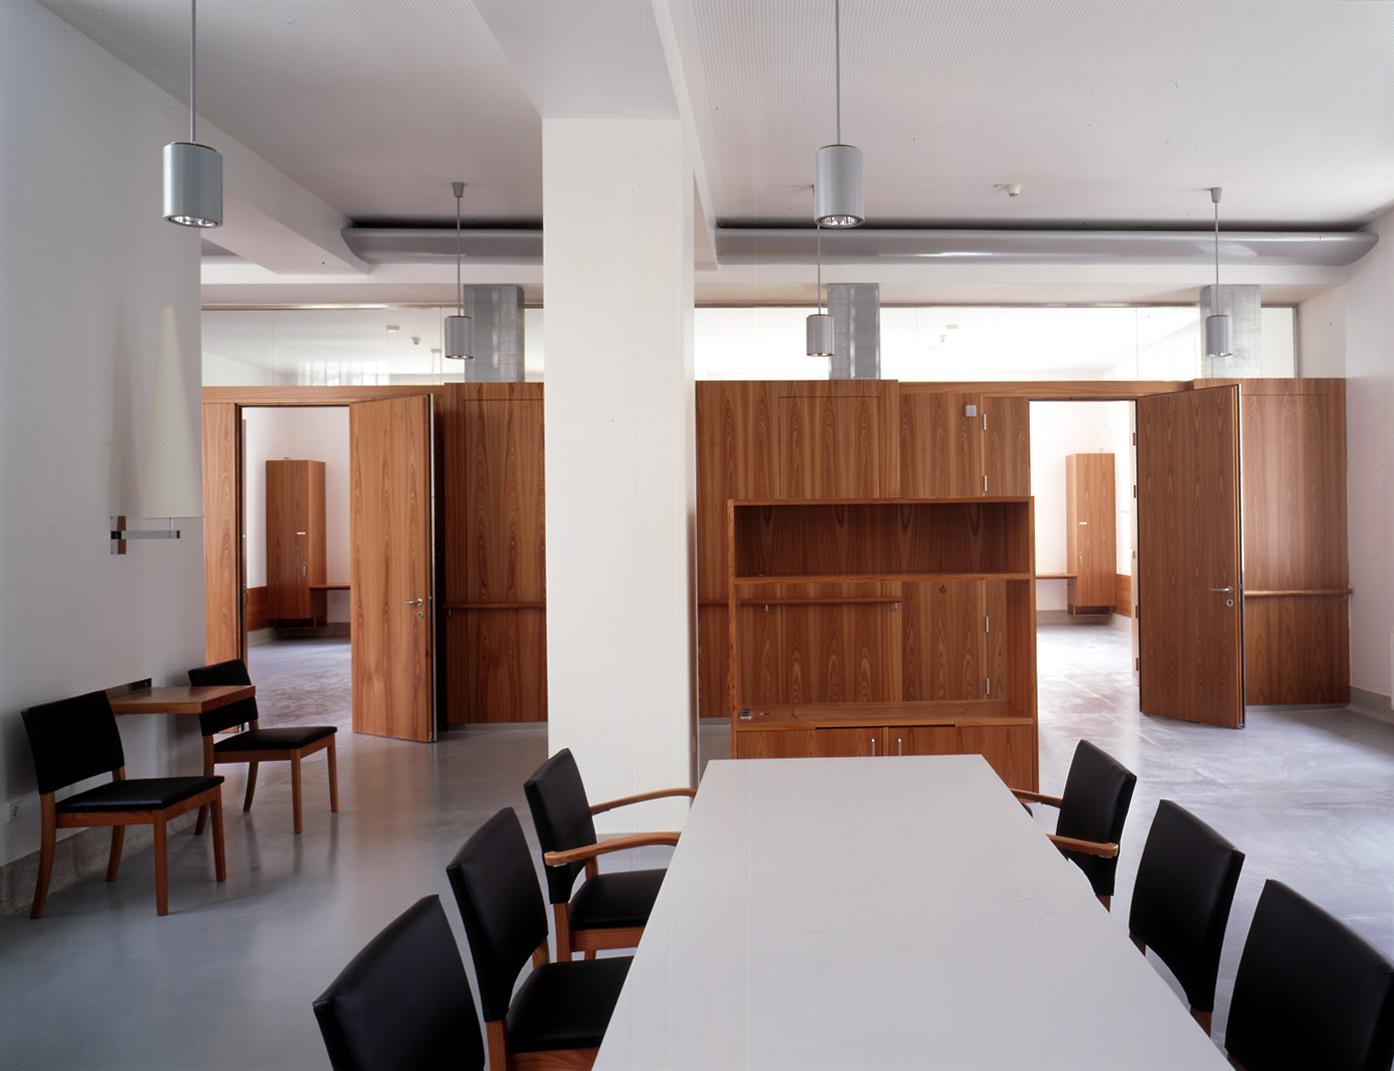 <p>© RUNSER / PRANTL architekten, Otto Wagner Spital Pavillon 9, 1140 Wien, Österreich, 2002, Spital, Krankenhaus, Fotograf Margherita Spiluttini</p>